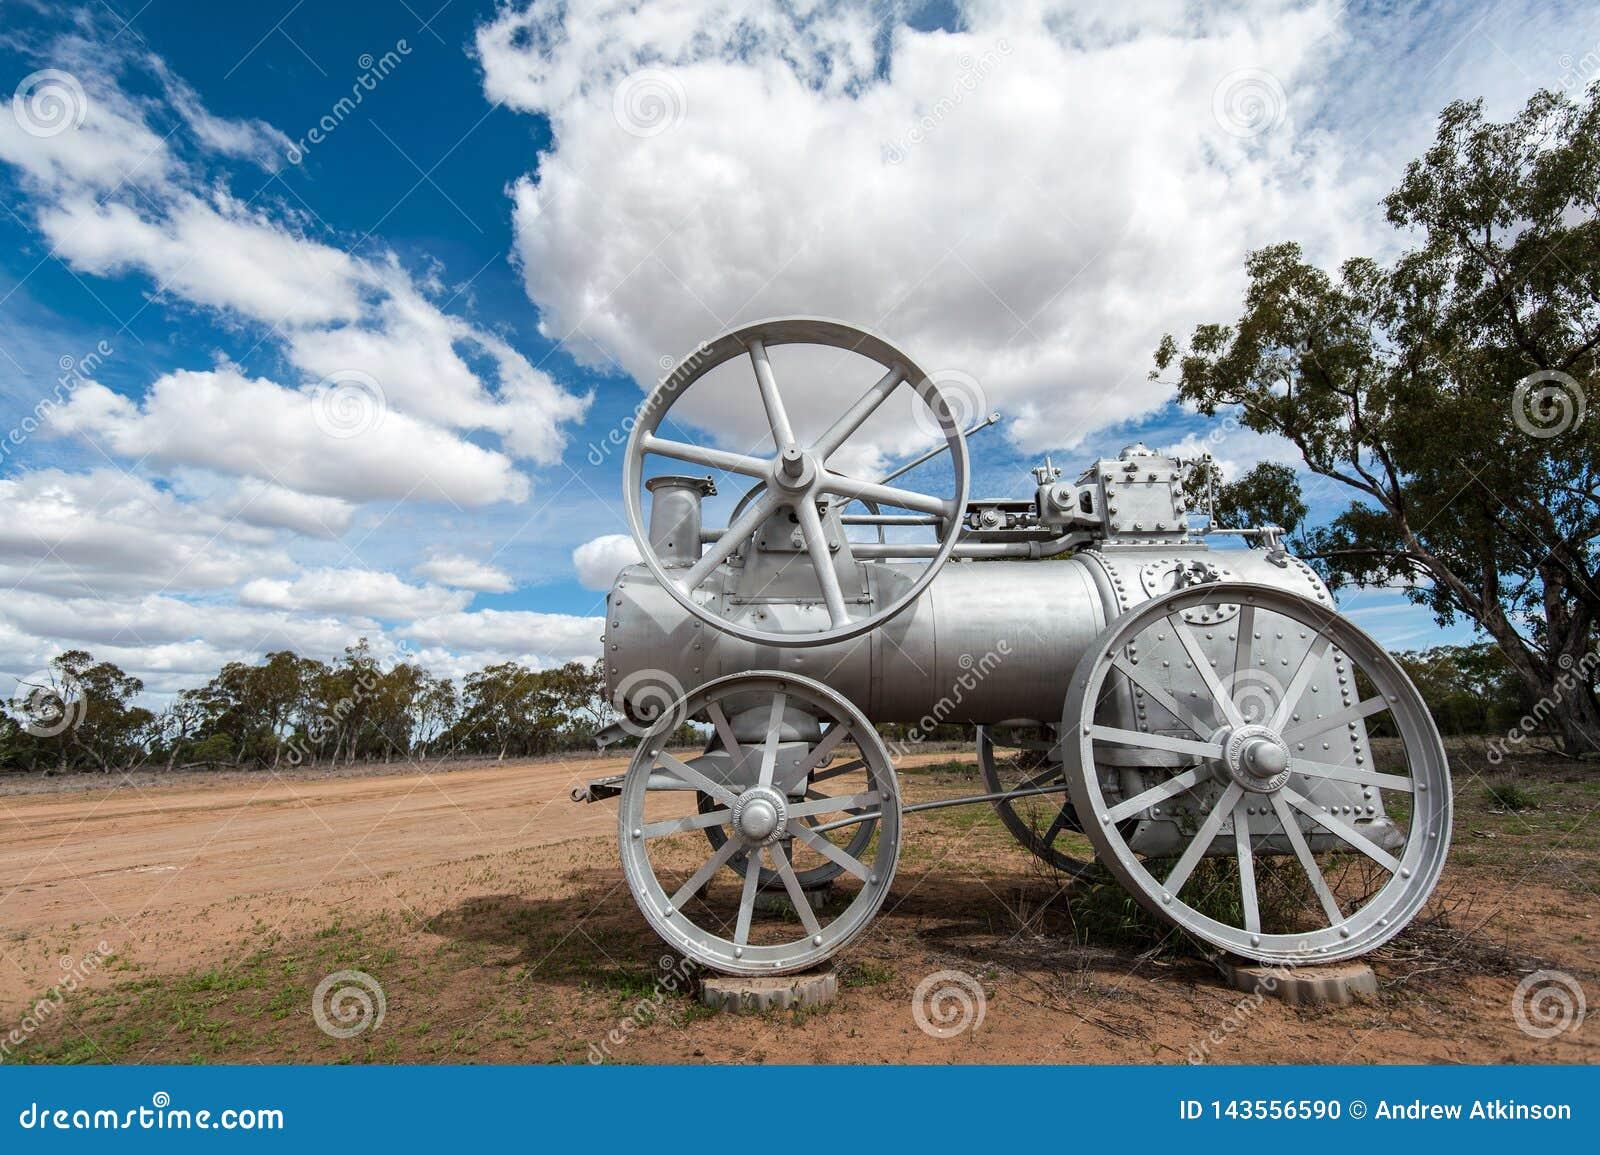 Il vecchio motore a vapore repurposed